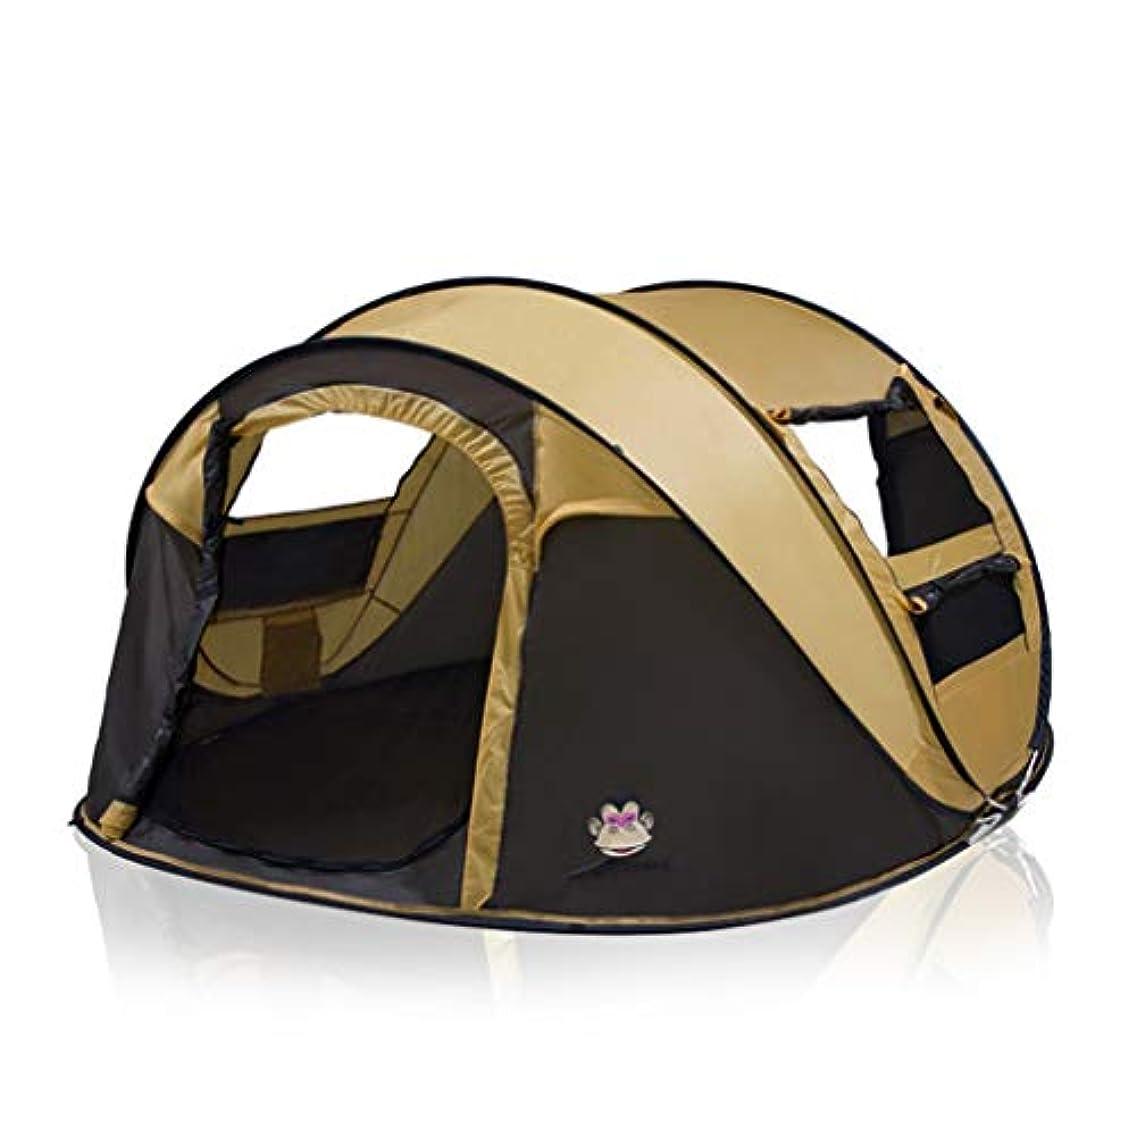 首よろしく判定LIAN キャンプテント3-4人家族のテント4シーズン自動避難所ハイキングピクニックバックパッキング旅行 (Color : Camel)